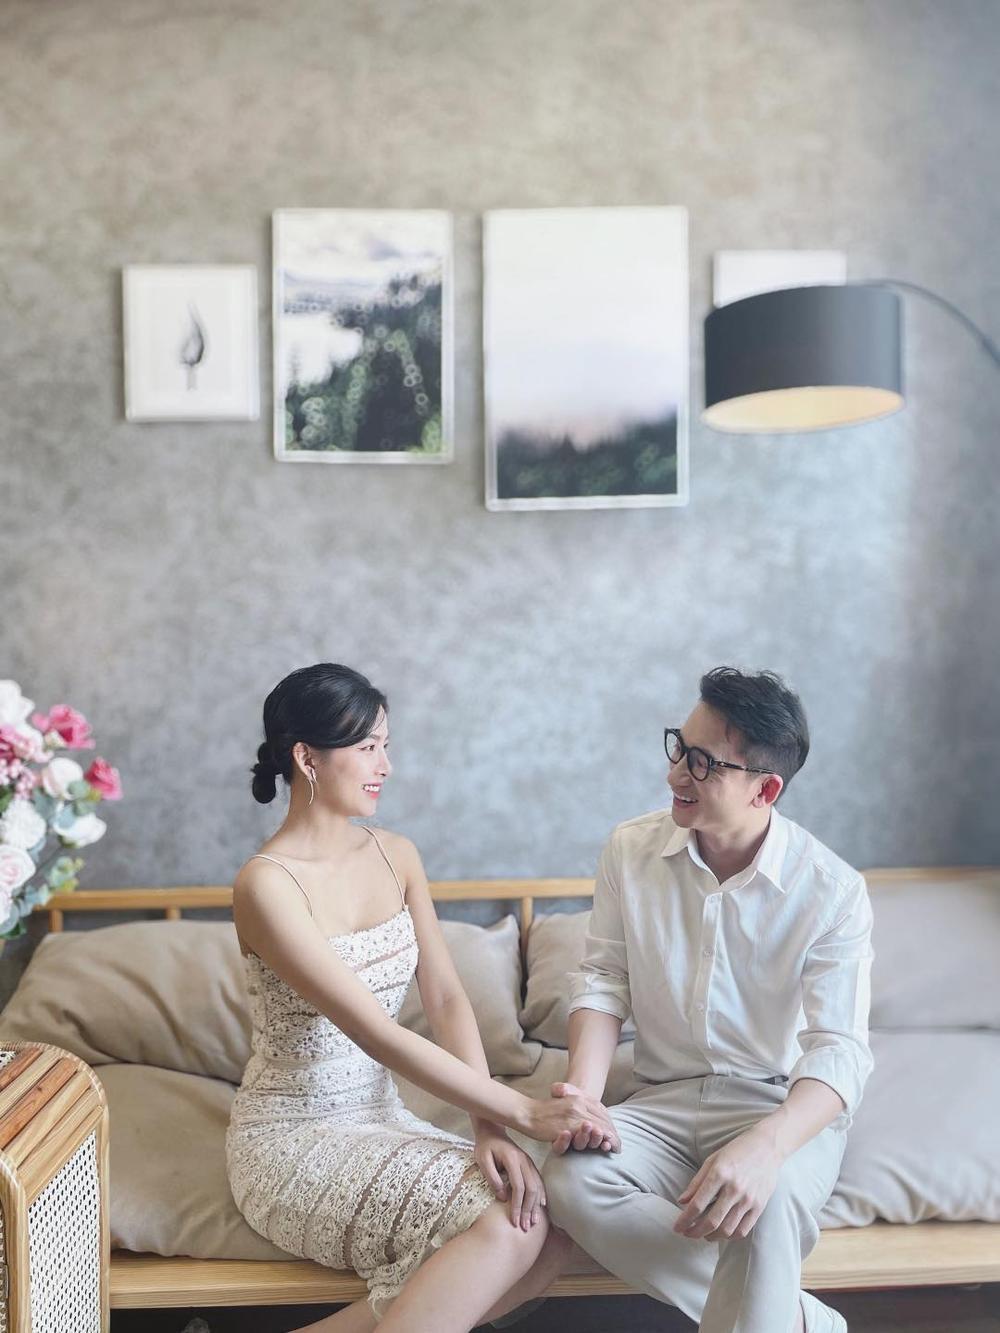 Phan Mạnh Quỳnh lộ thiệp mời cưới và hình ảnh lễ đường tại Nghệ An Ảnh 1